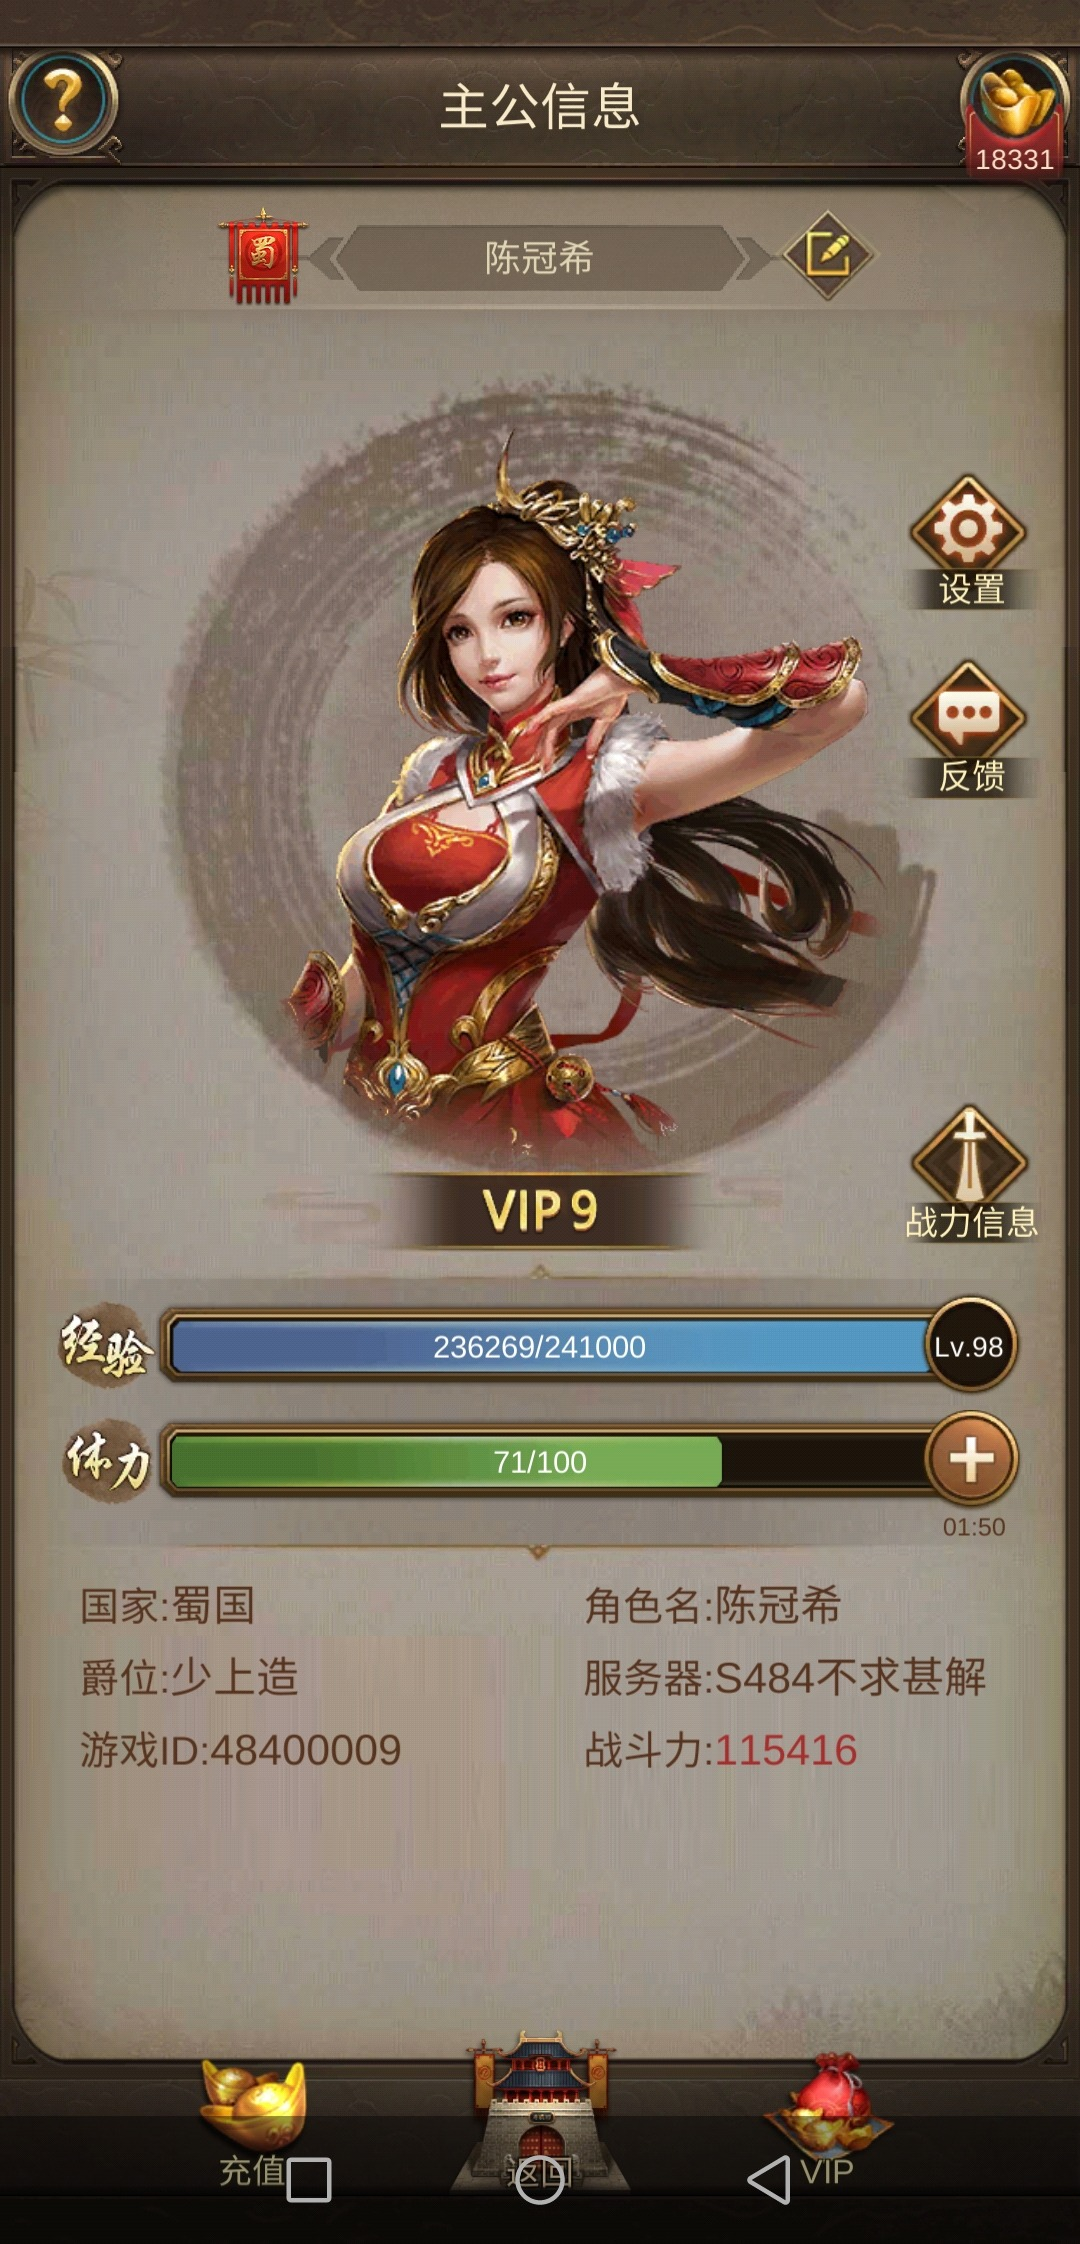 Screenshot_20210501_004440_juedi.tatuyin.rxsg.huawei.jpg